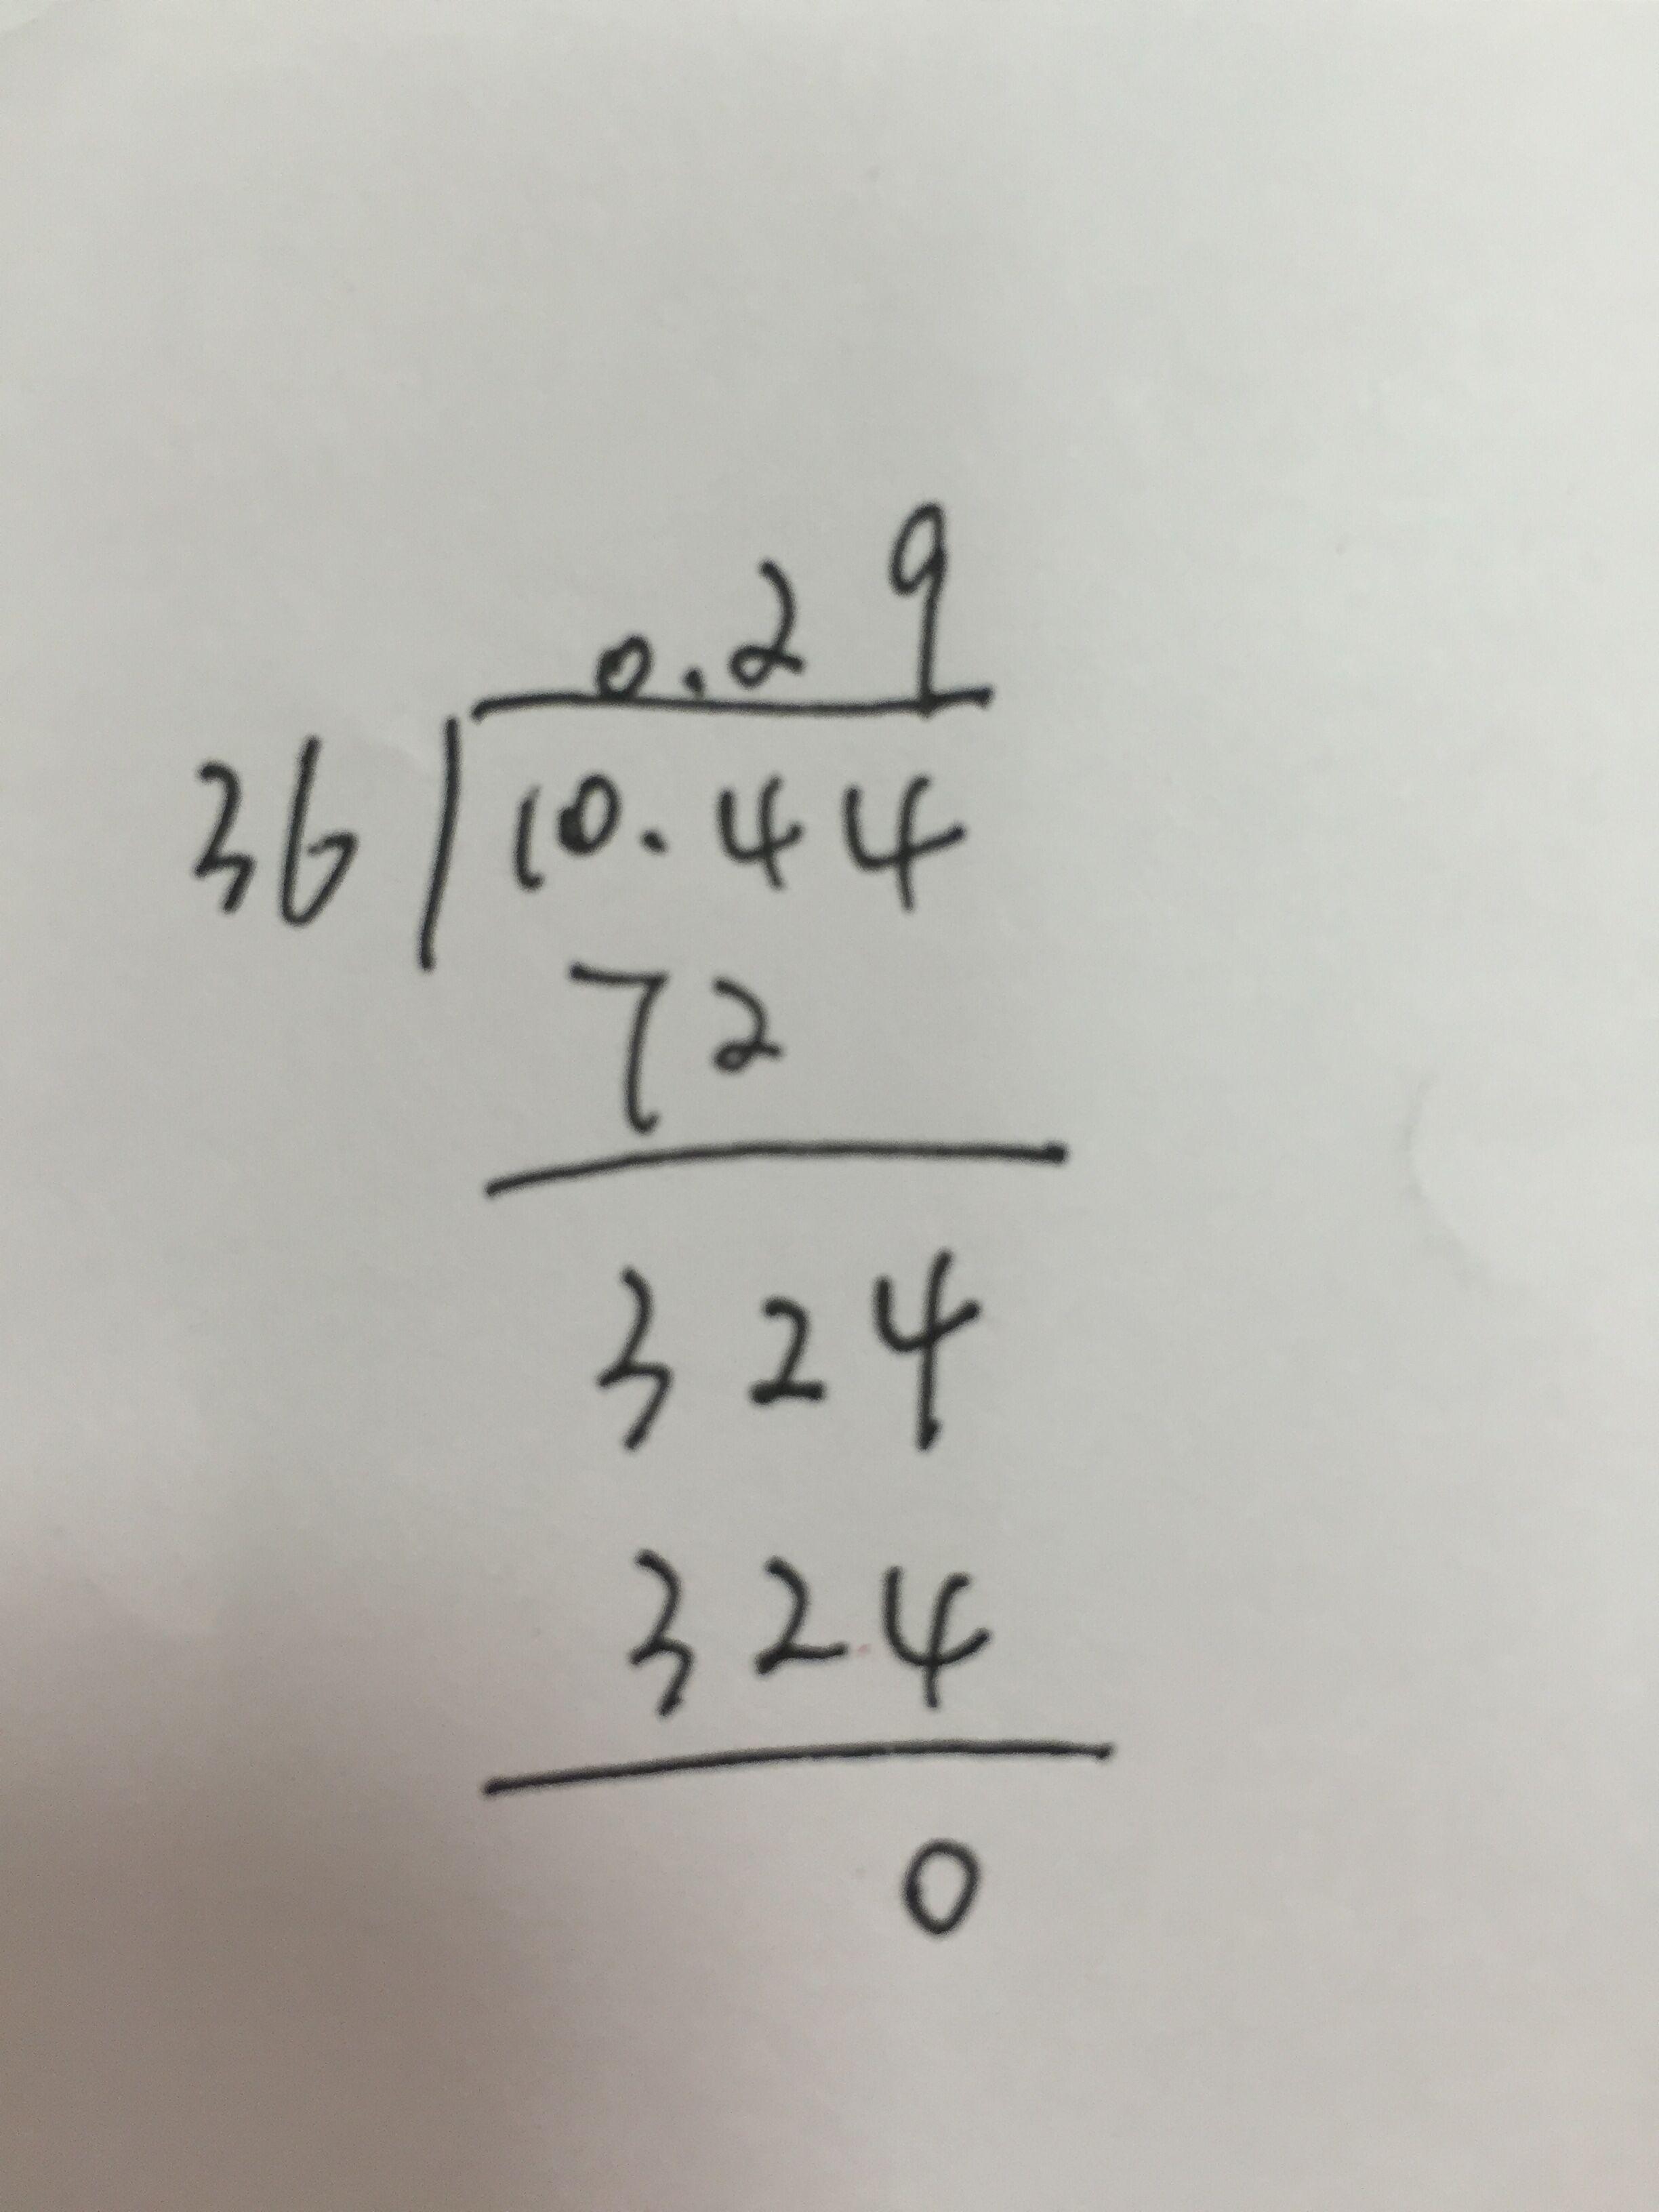 44÷7.25竖式图片